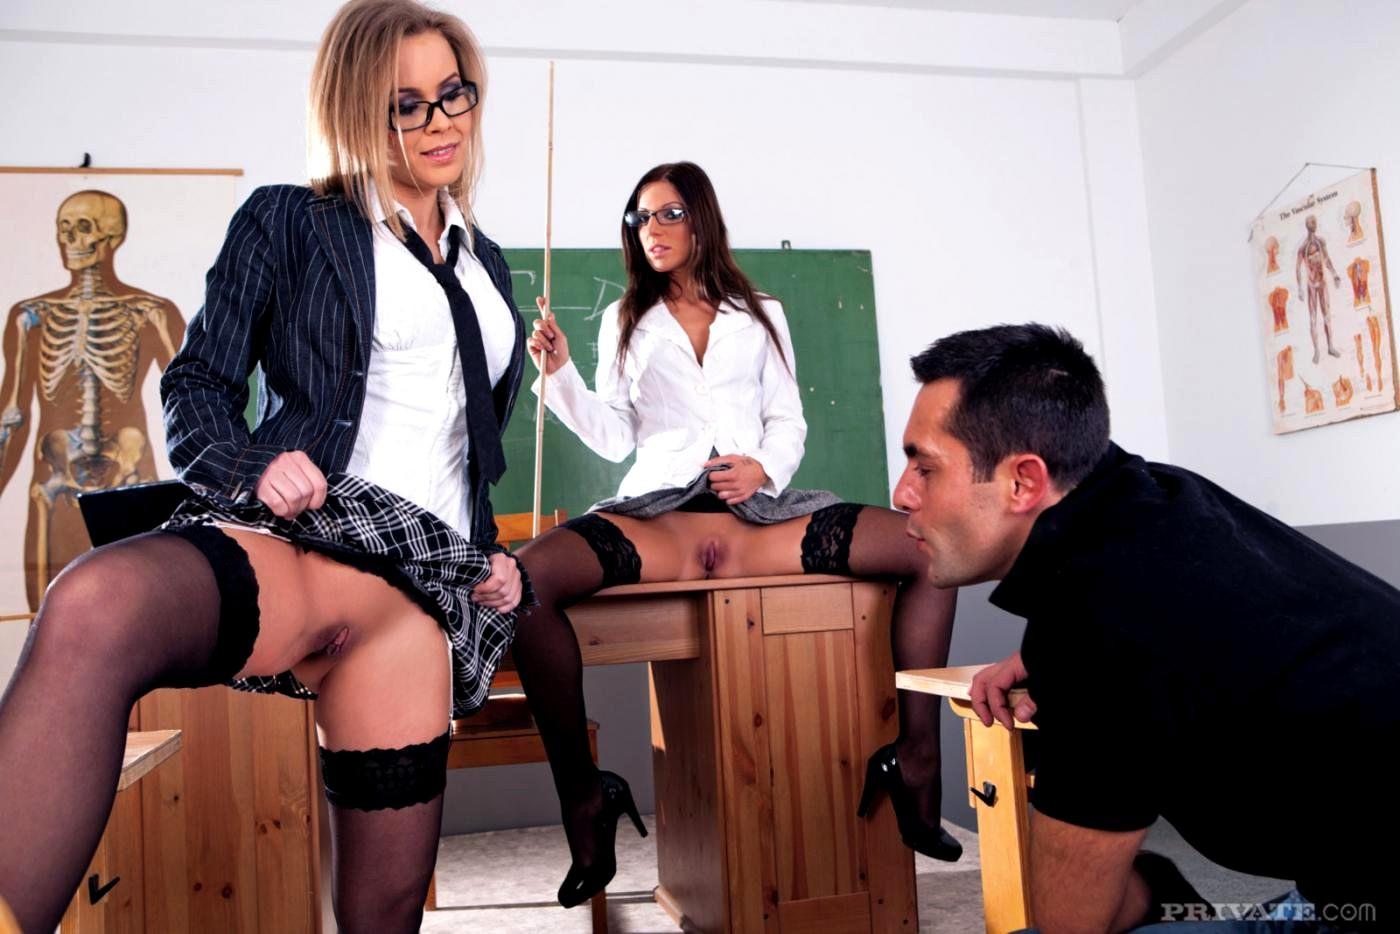 Сексе в школе, Секс в школе порно видео как трахнул училку в HD 23 фотография